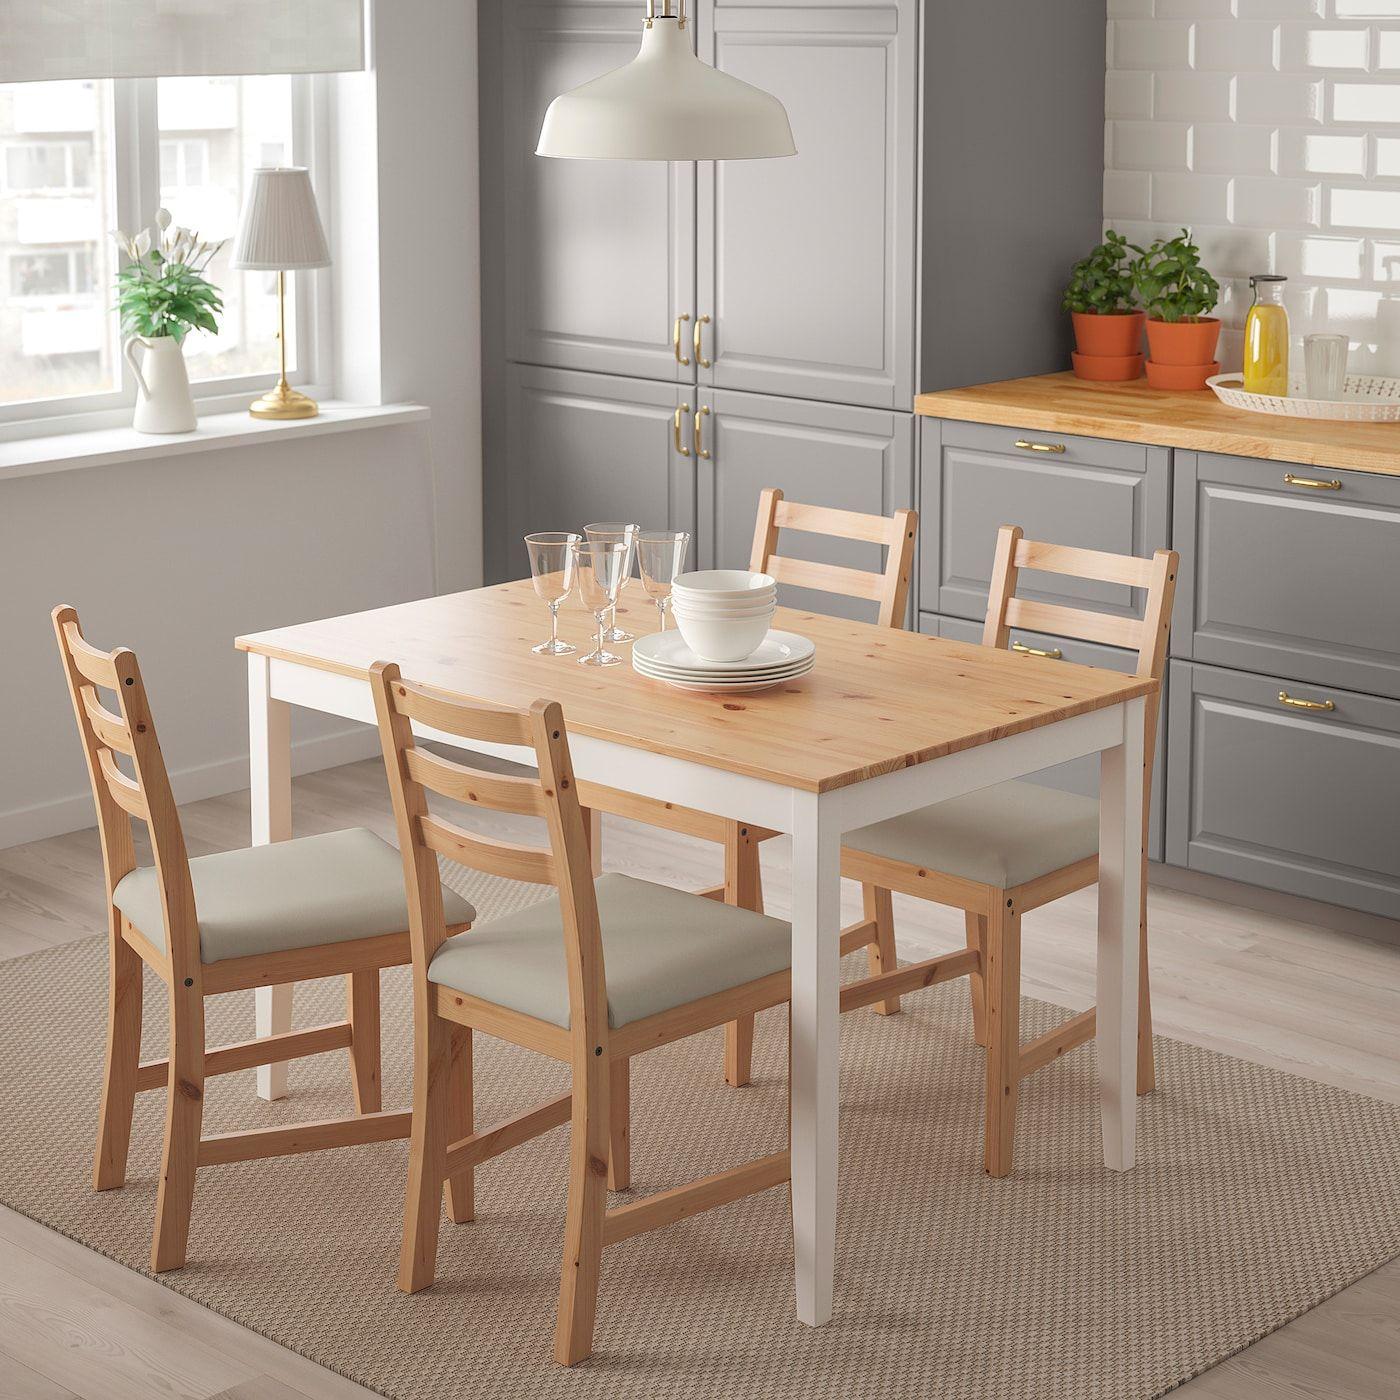 Tavolino Che Diventa Tavolo Ikea lerhamn tavolo - mordente anticato chiaro, mordente bianco